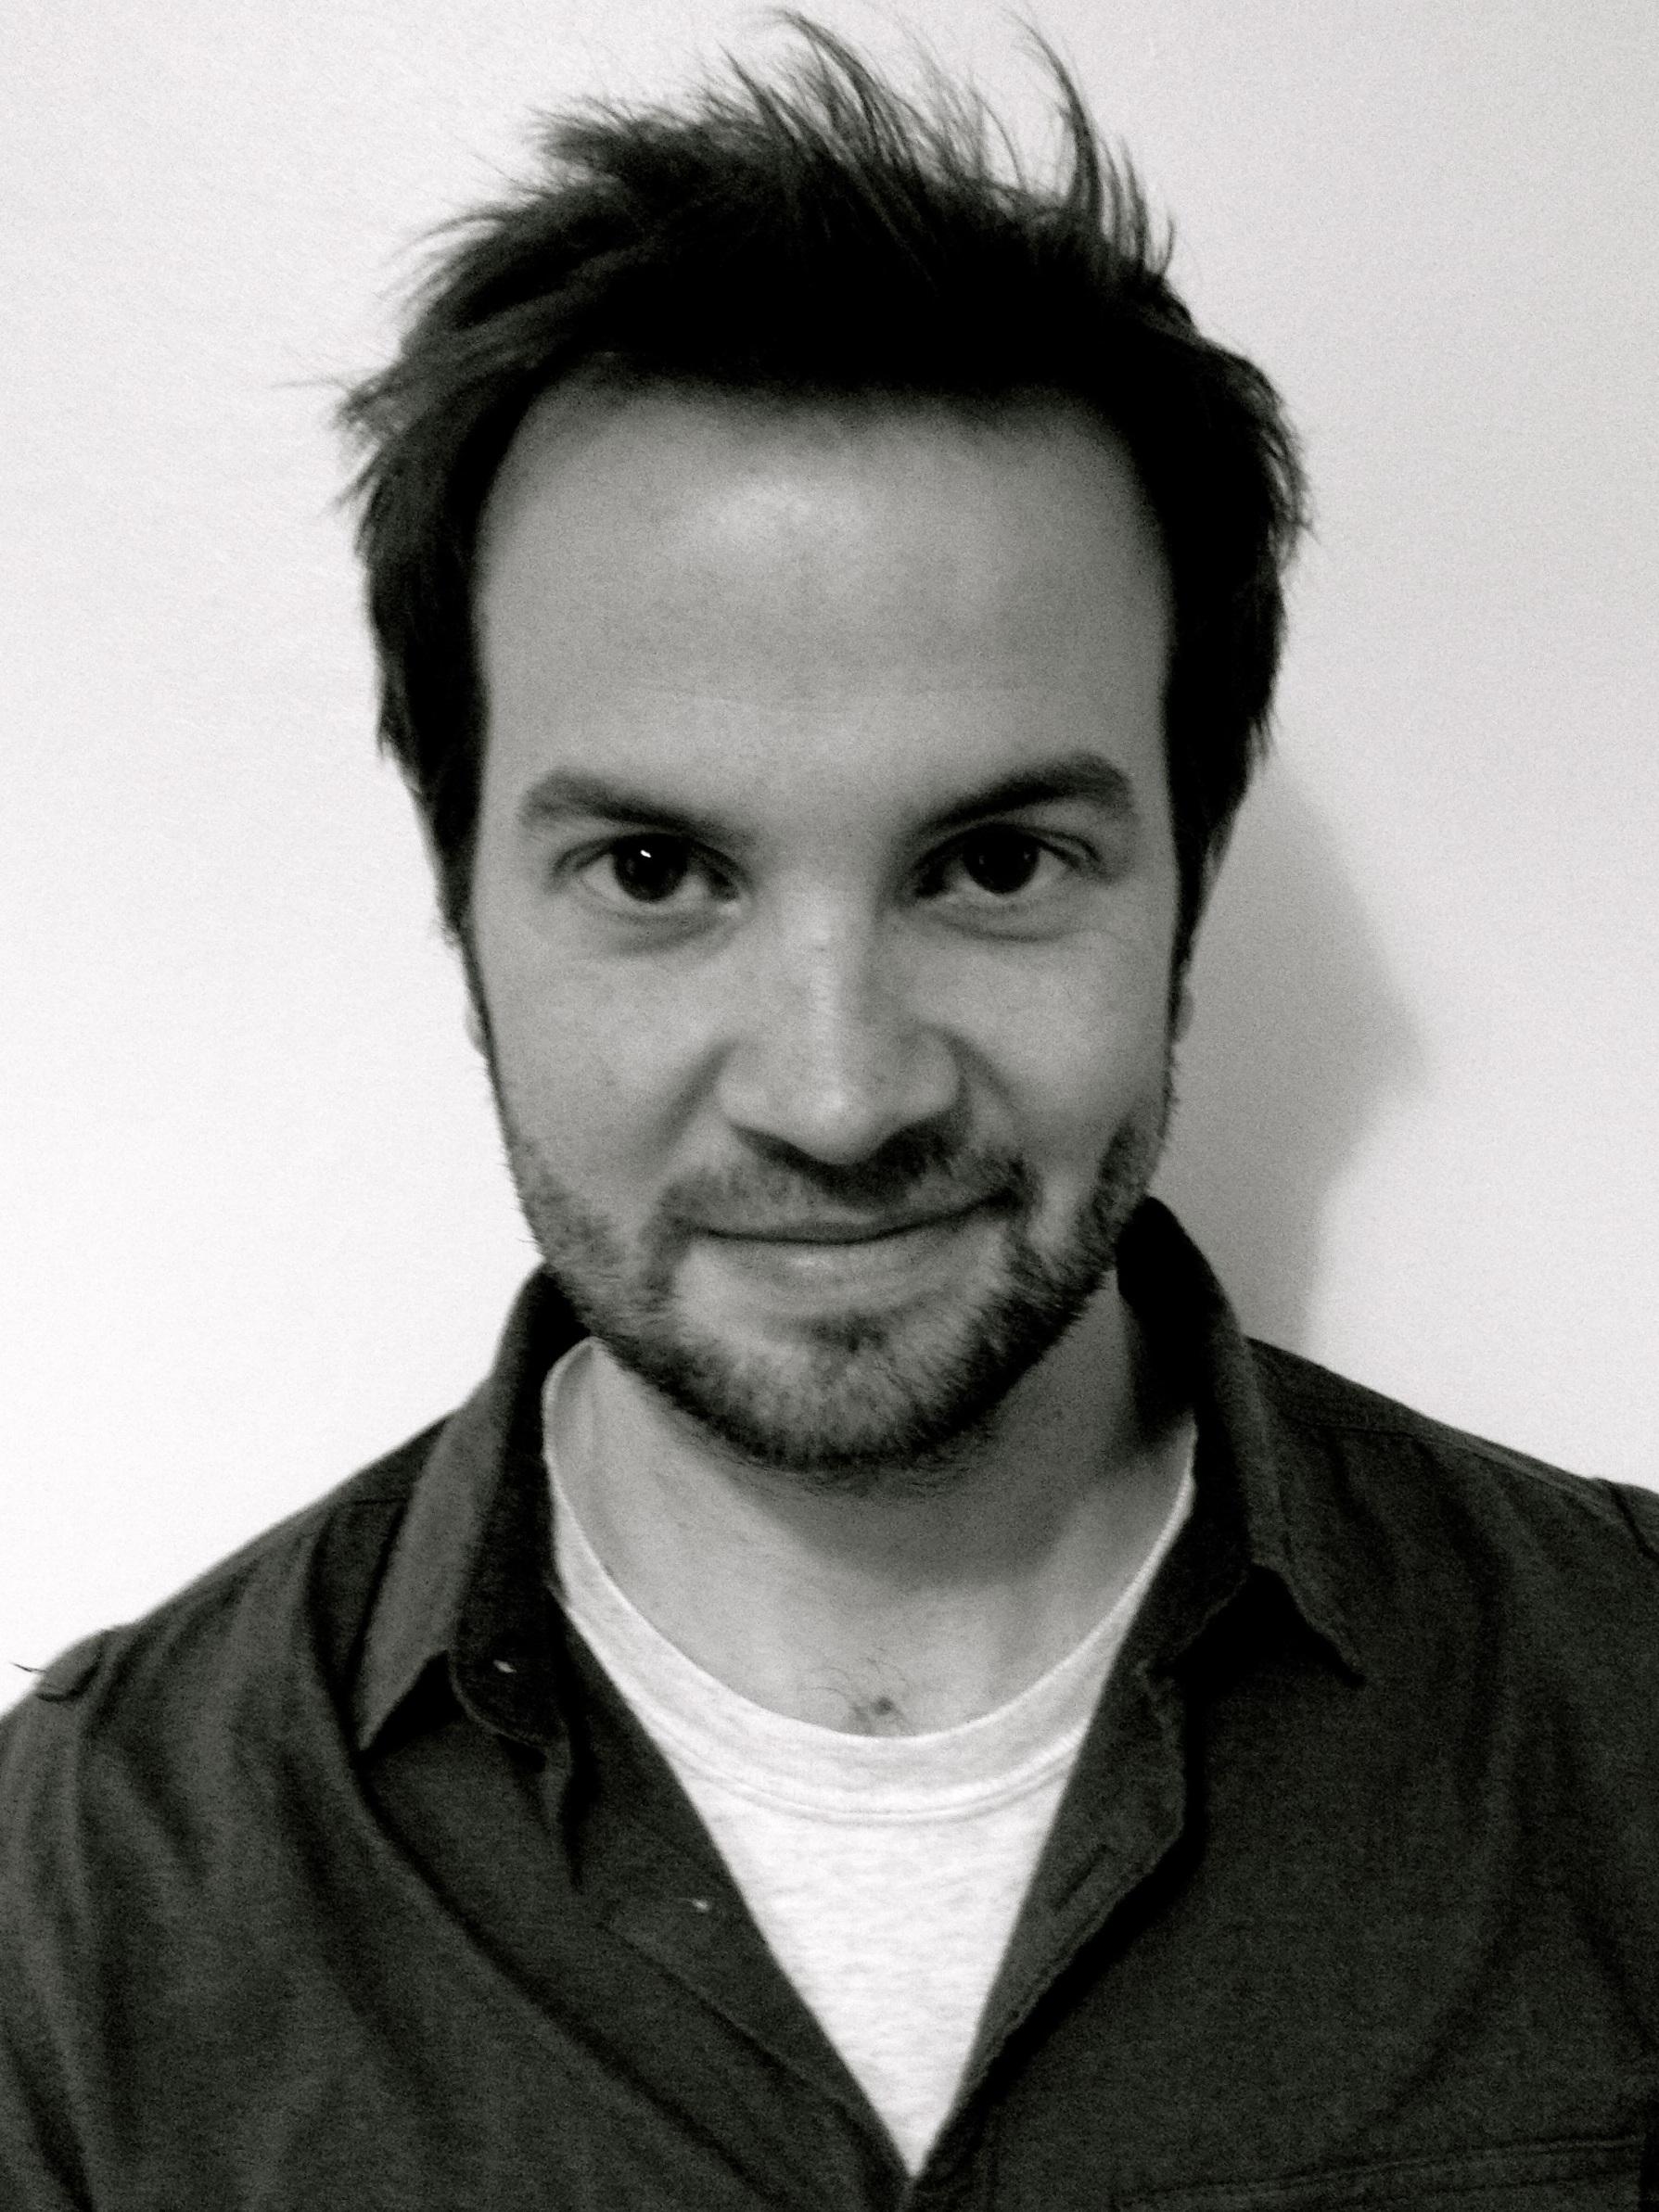 Mark+melville.jpg